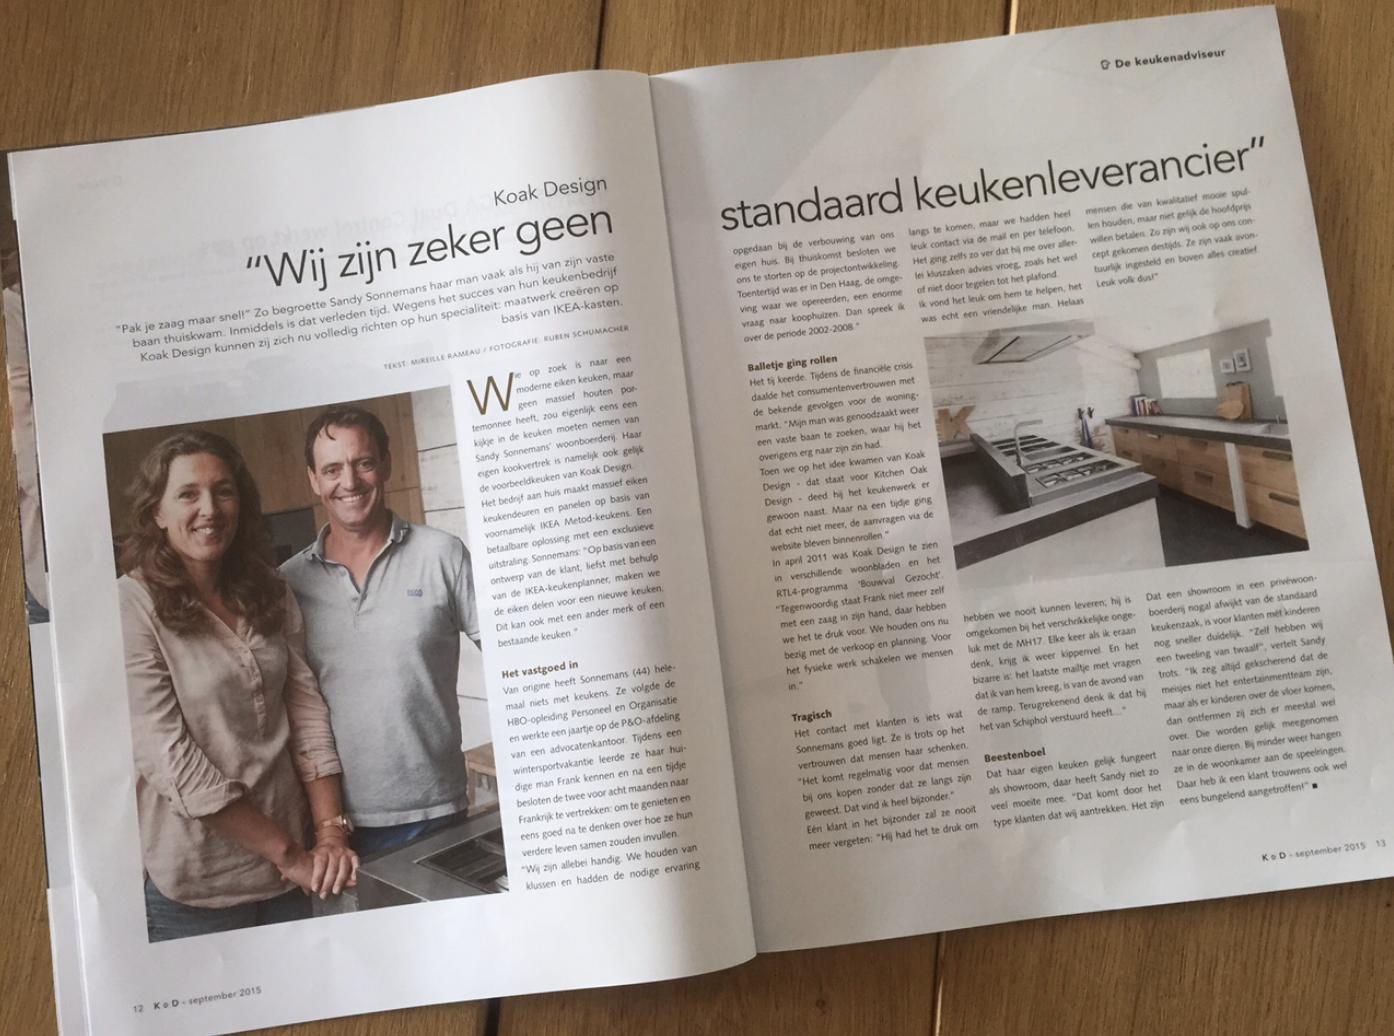 Vind Beste Keukenbedrijven : Artikel in keuken & design september 2015 koakmedia pinterest